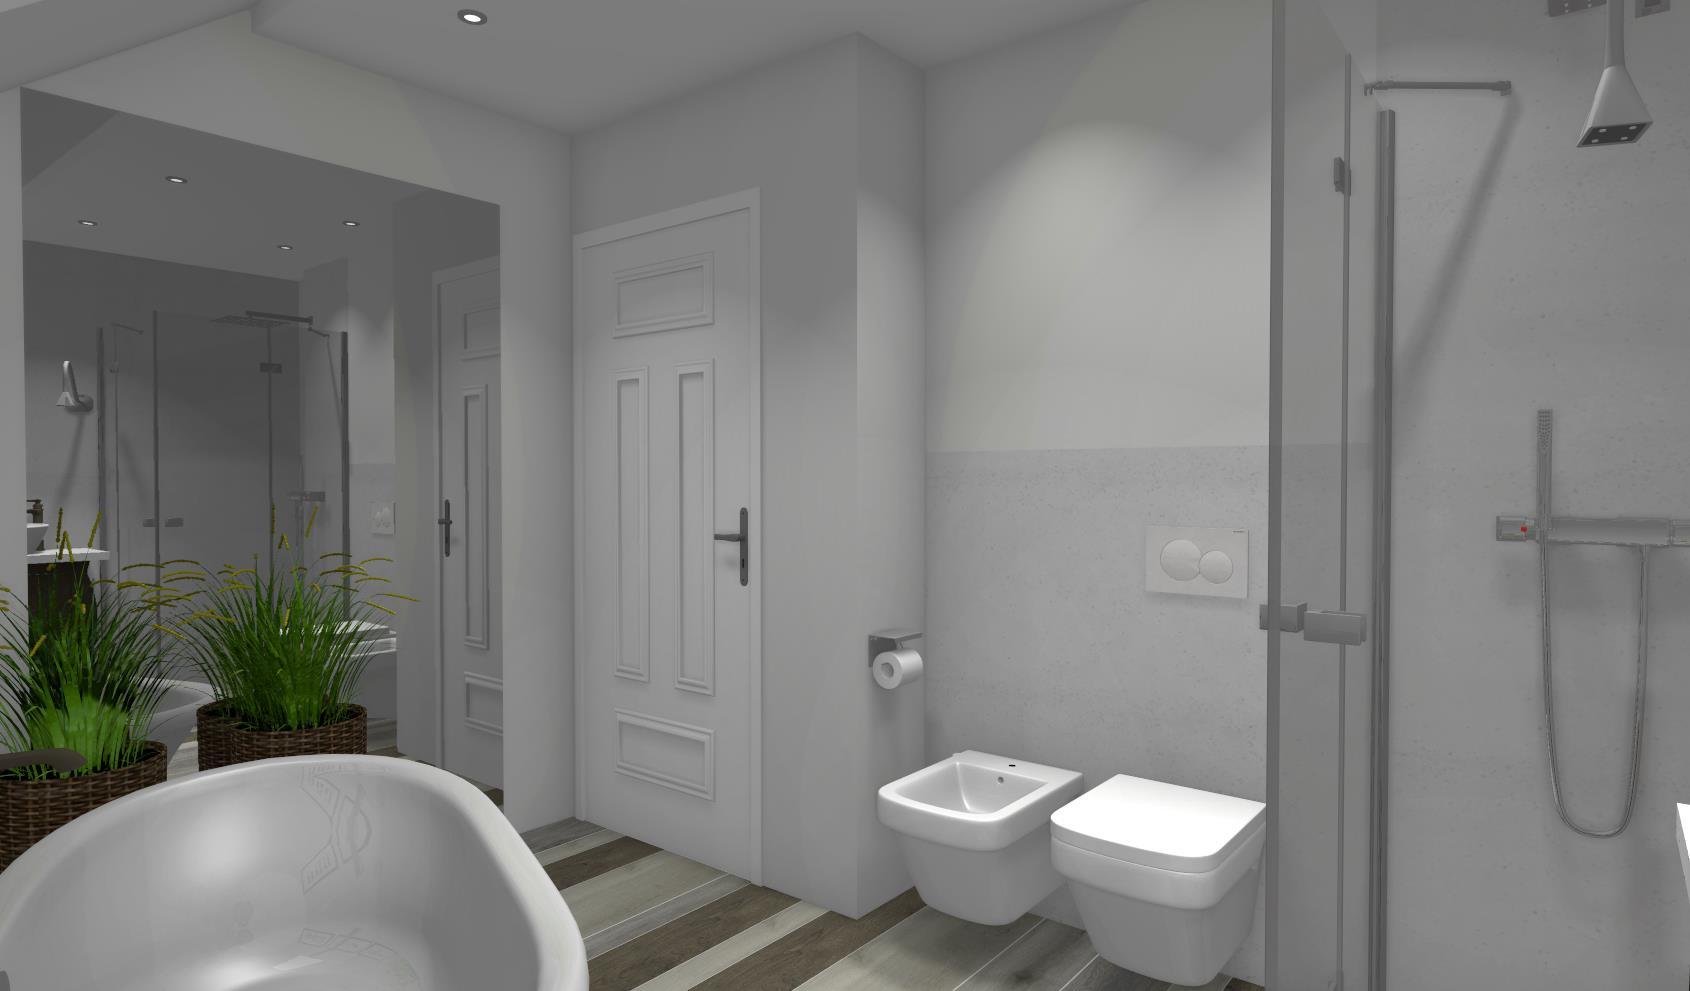 Beton Architektoniczny W łazience Niebieska Komoda